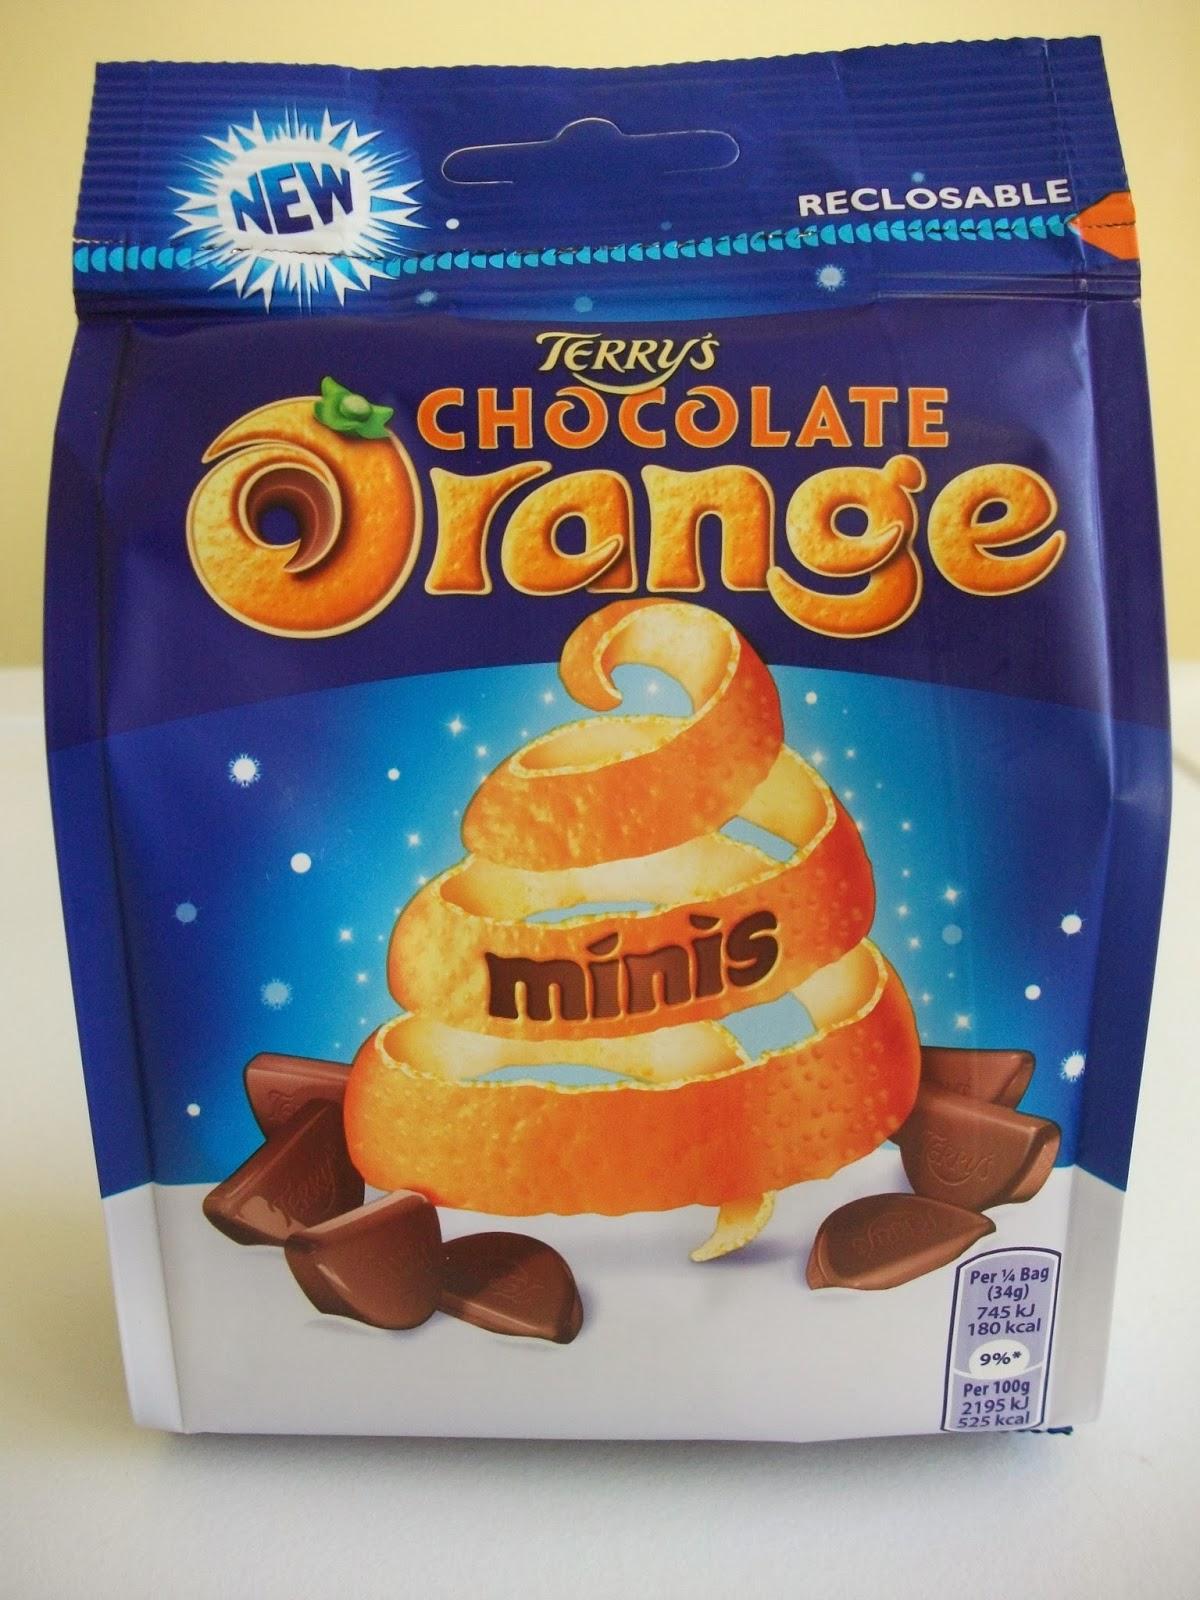 Terrys Chocolate Orange Minis Review Plus Some Nostalgia